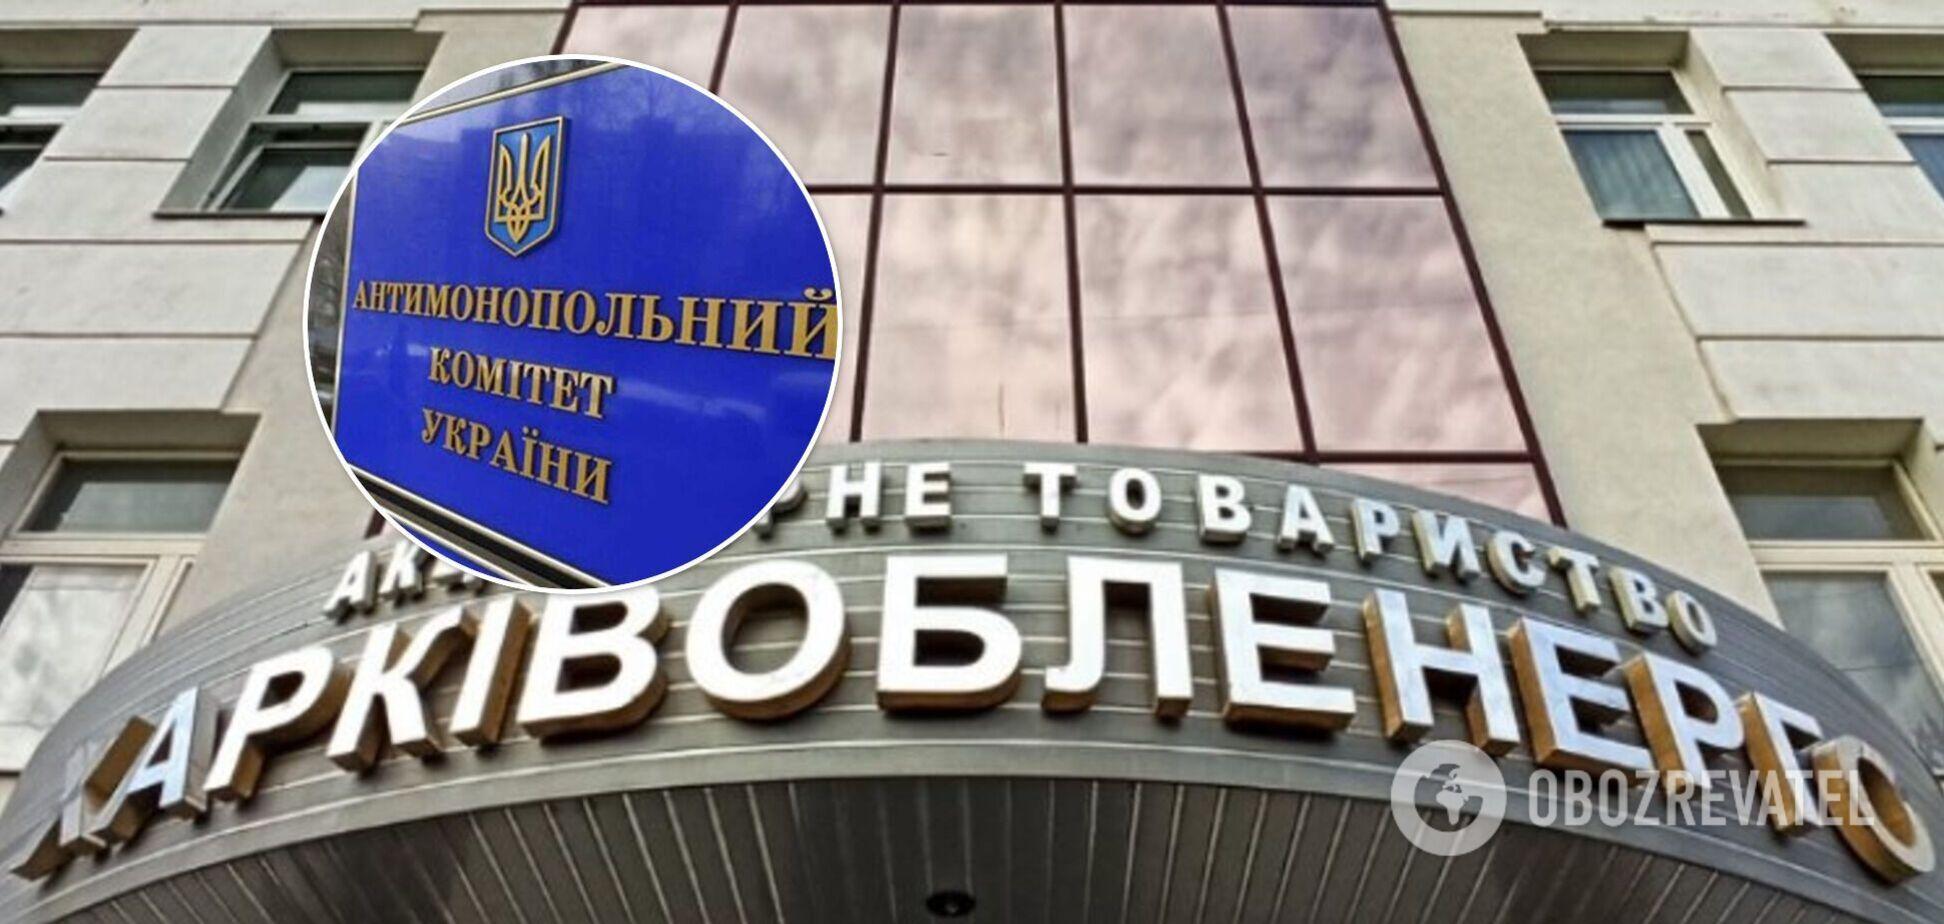 АМКУ отозвал решение по 'Харьковоблэнерго' и Smart Holding: эксперт рассказал, кому это выгодно